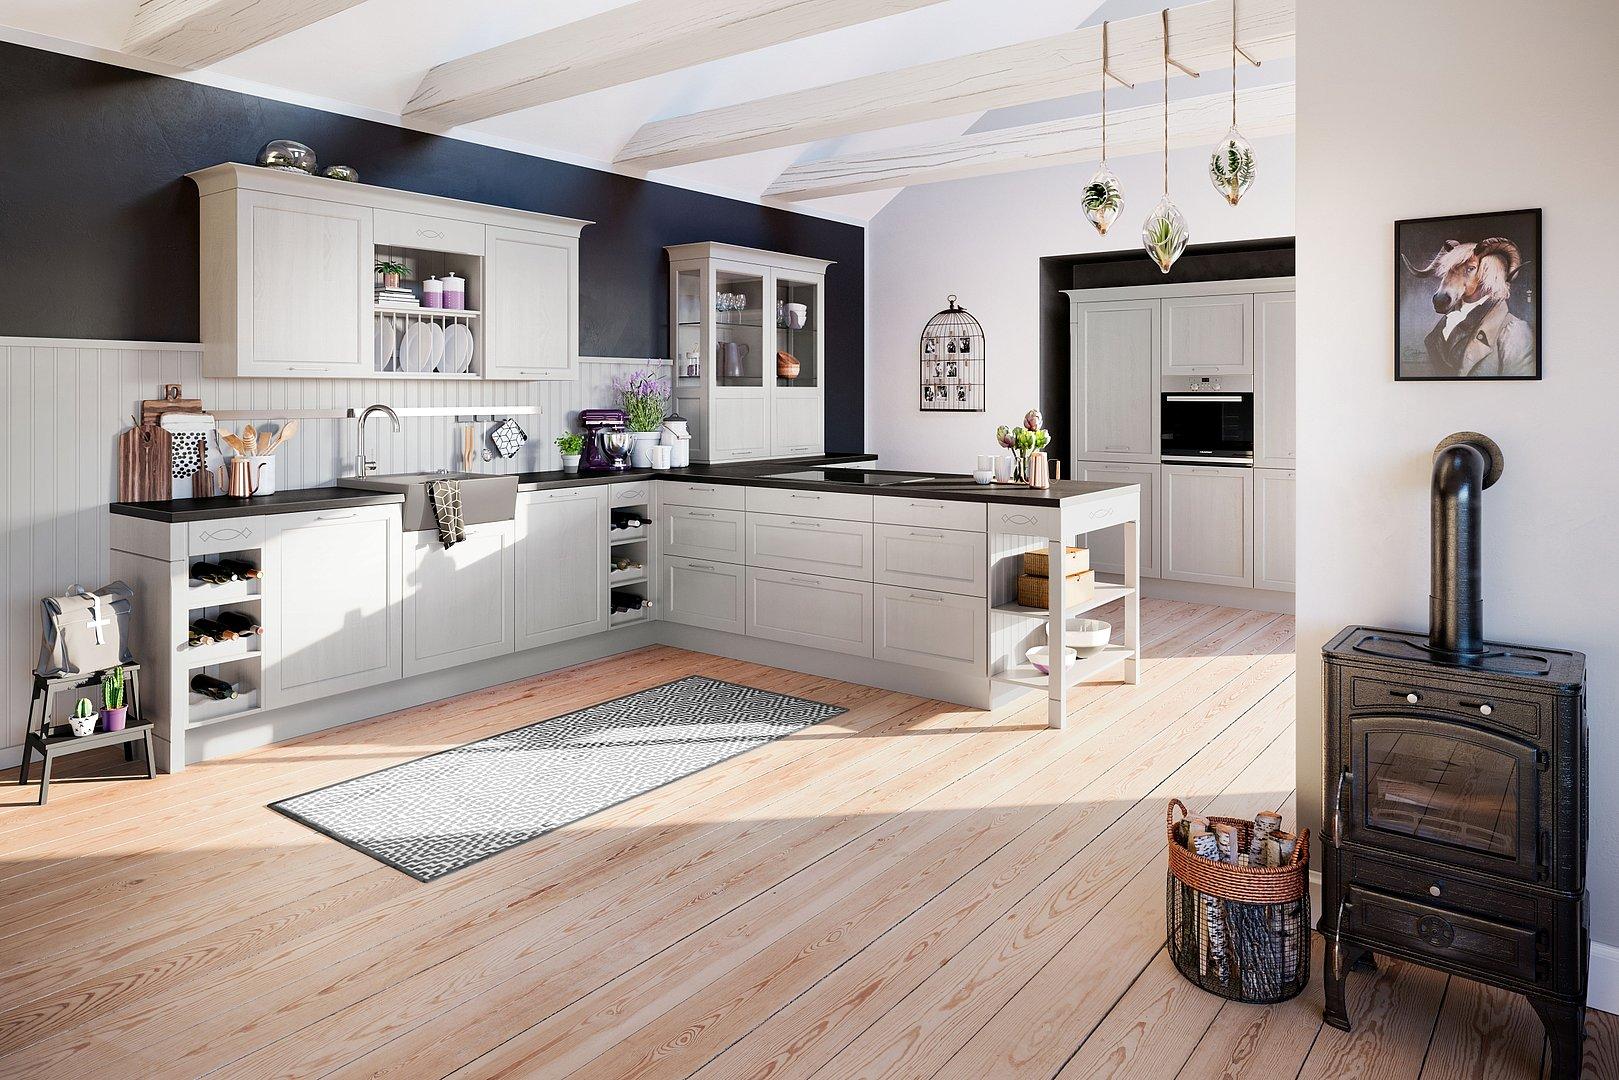 Full Size of Moderne Zeitlose Küche Moderne Küche Im Landhausstil Moderne Küche Spülbecken Moderne Polnische Küche Küche Moderne Landhausküche